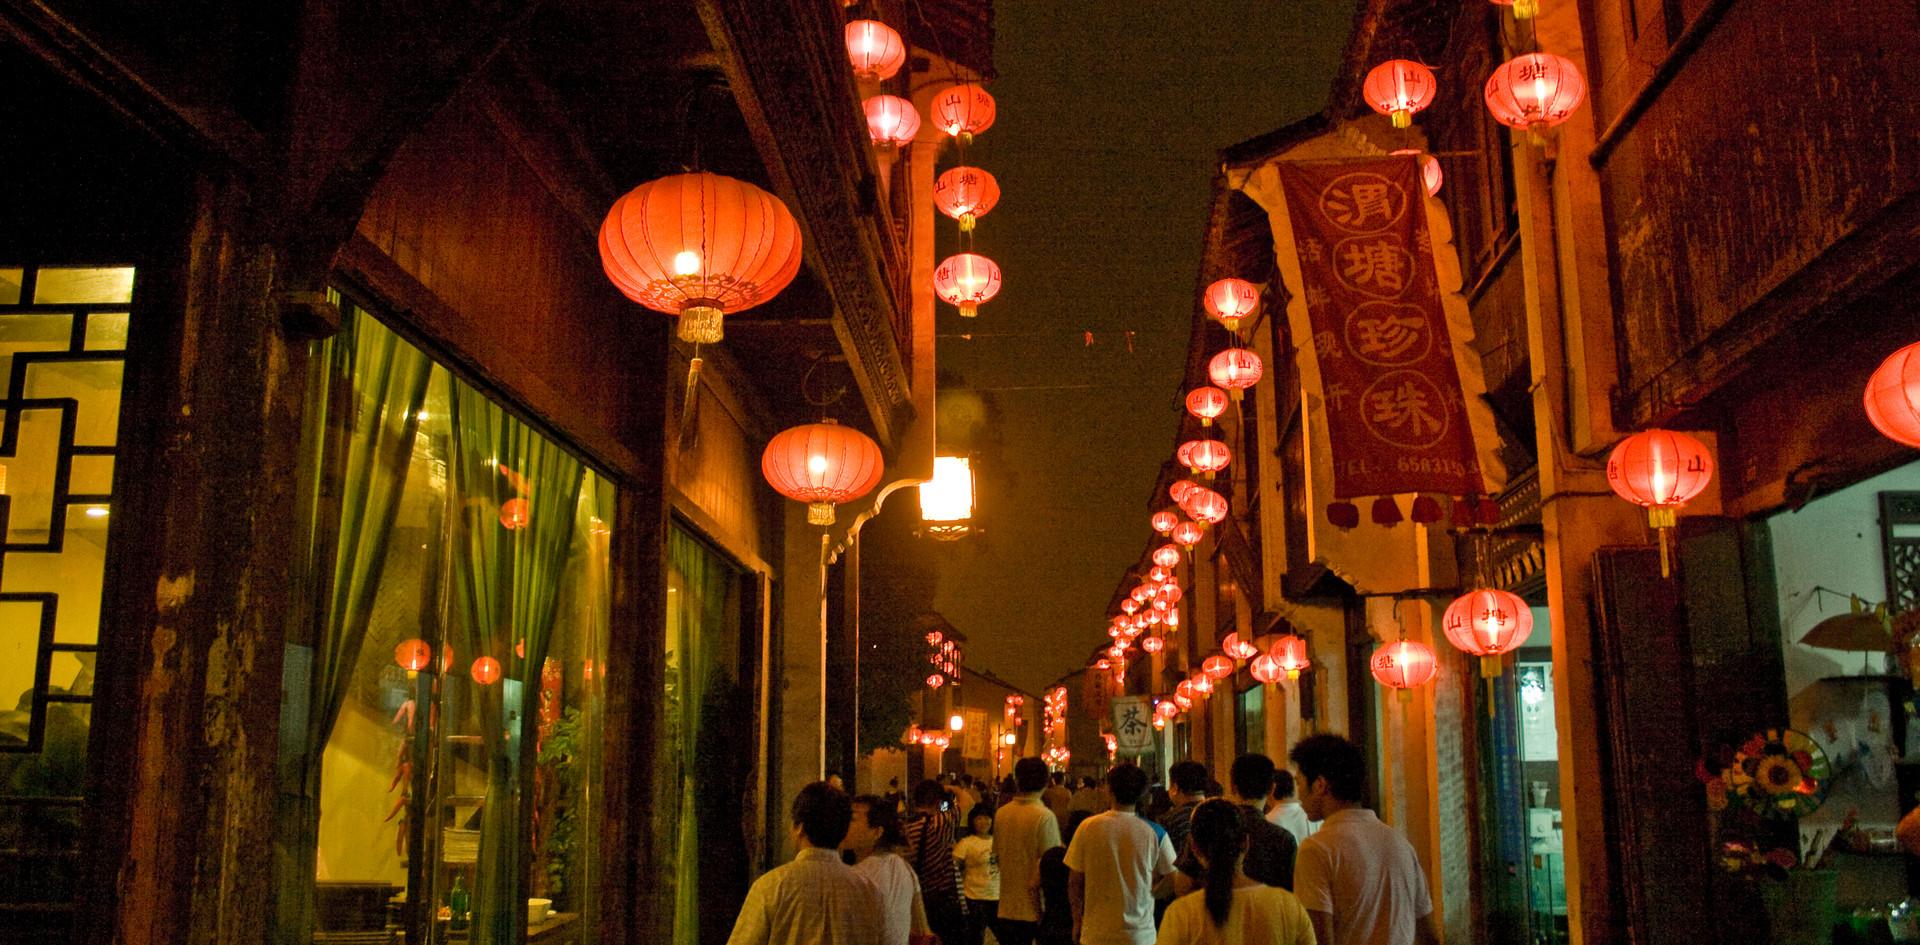 Suzhou night 2009